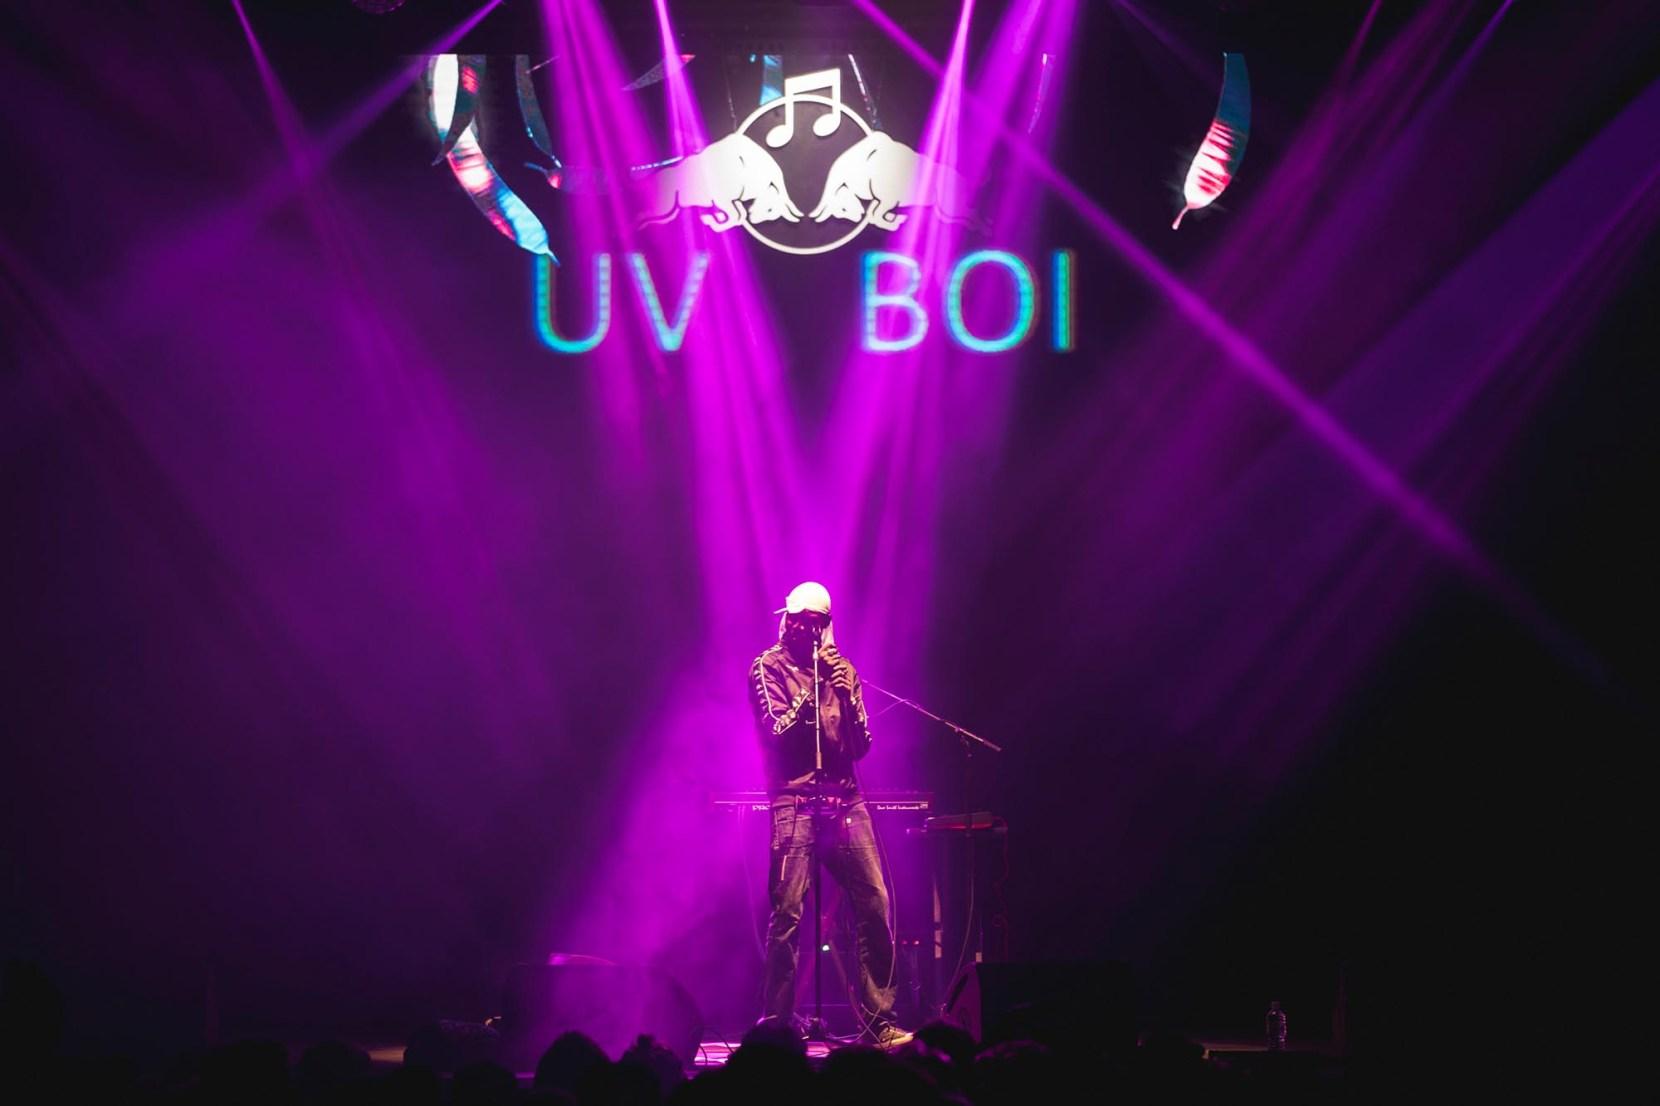 UV boi